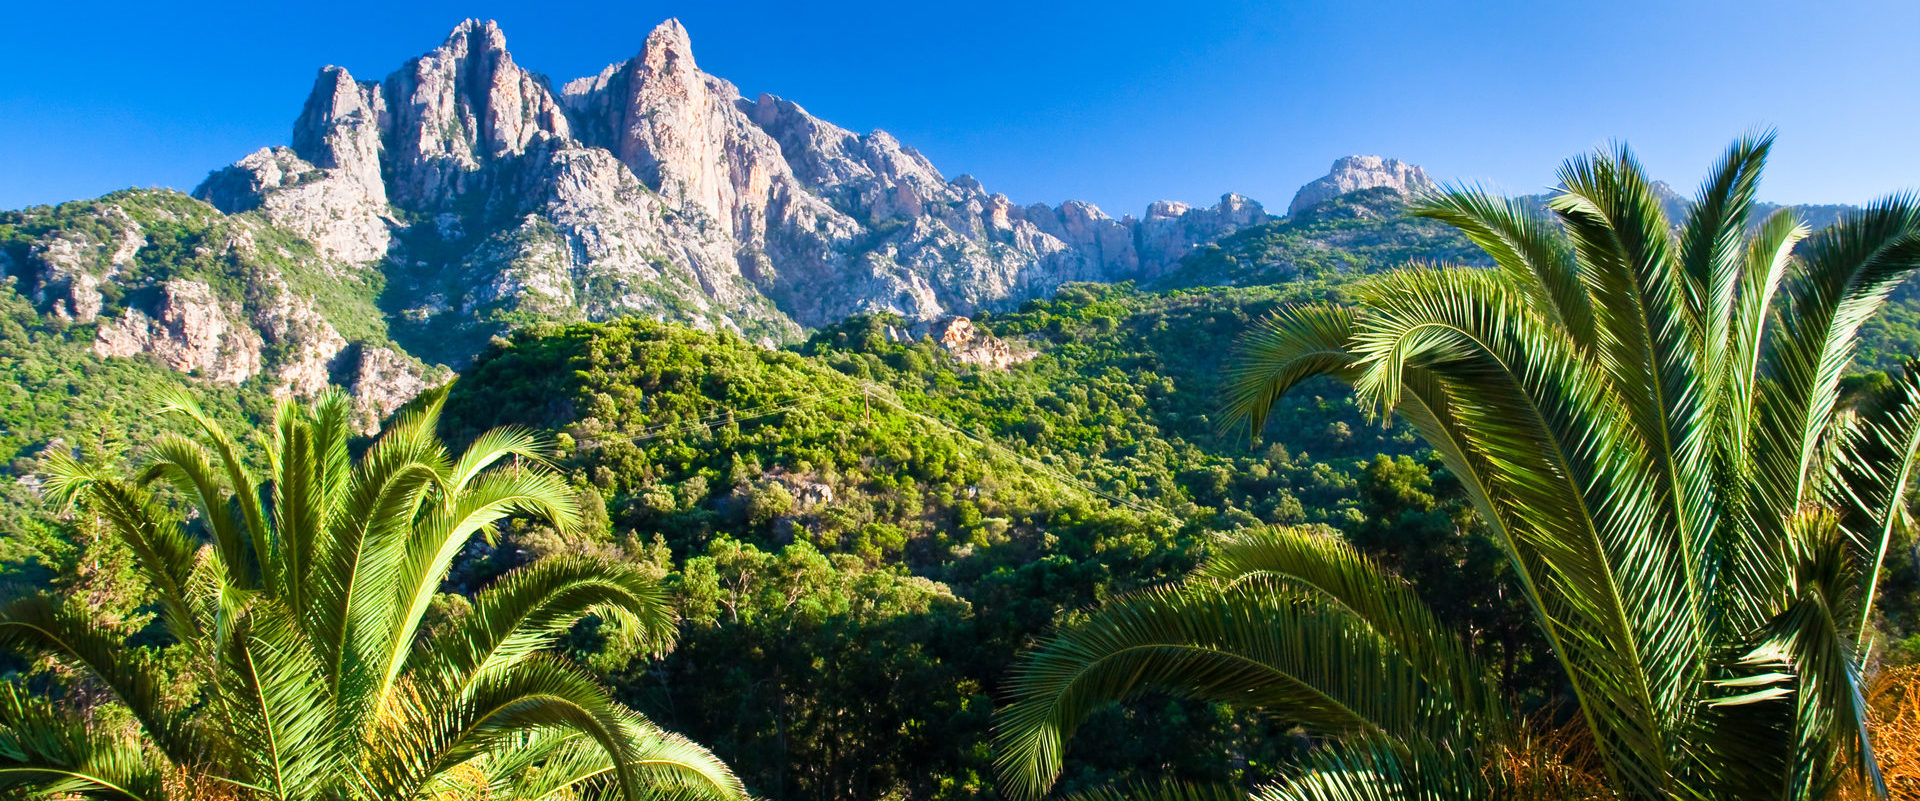 Corsica Frankrijk bergen palmbomen maquis heuvels blauwe-lucht zonnig